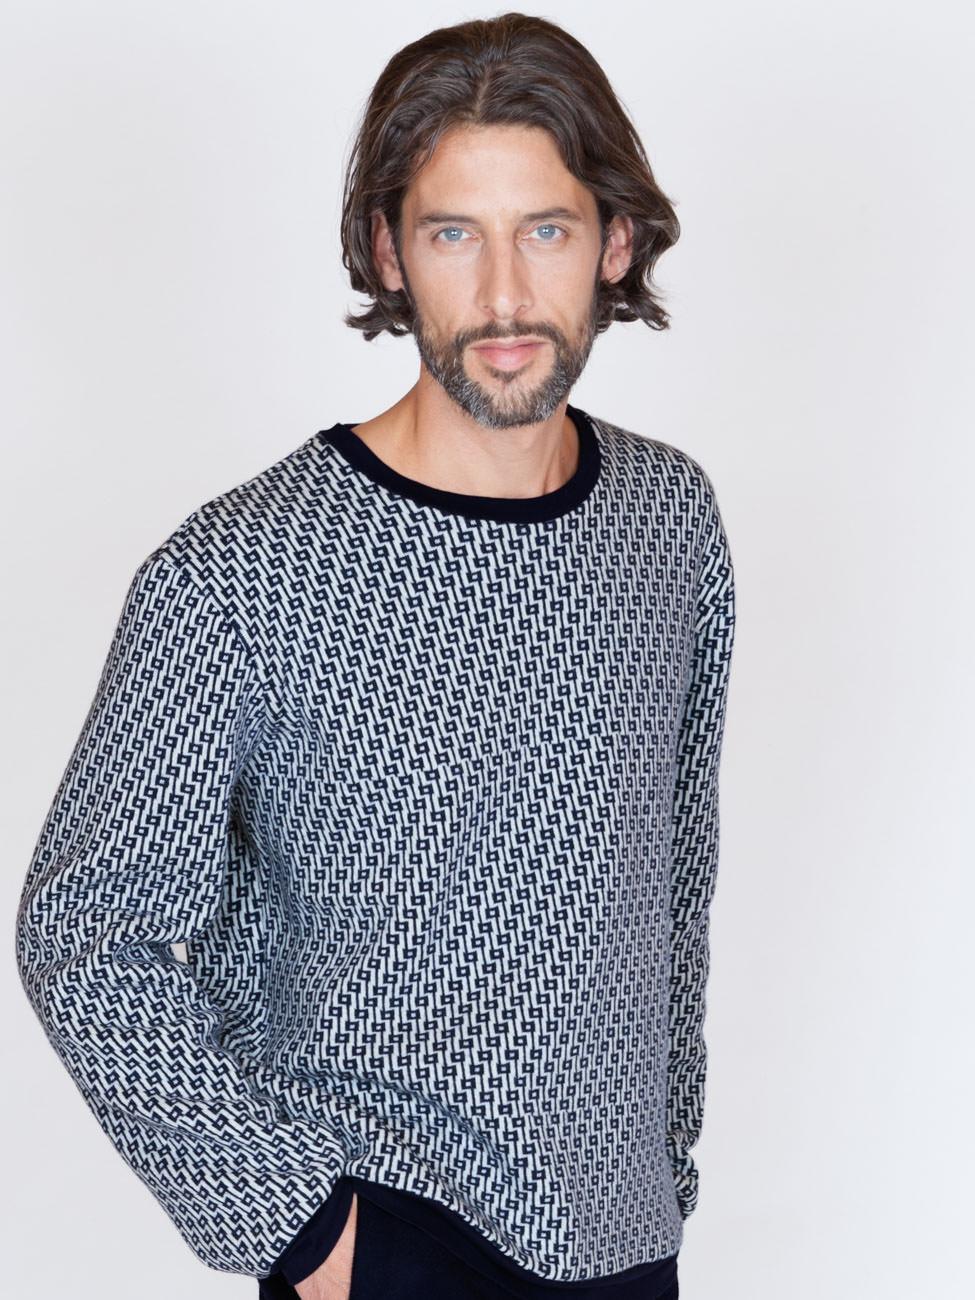 akjumii modekollektion detail mann pullover muster blau bart lange haare mode münchen jörn strojny